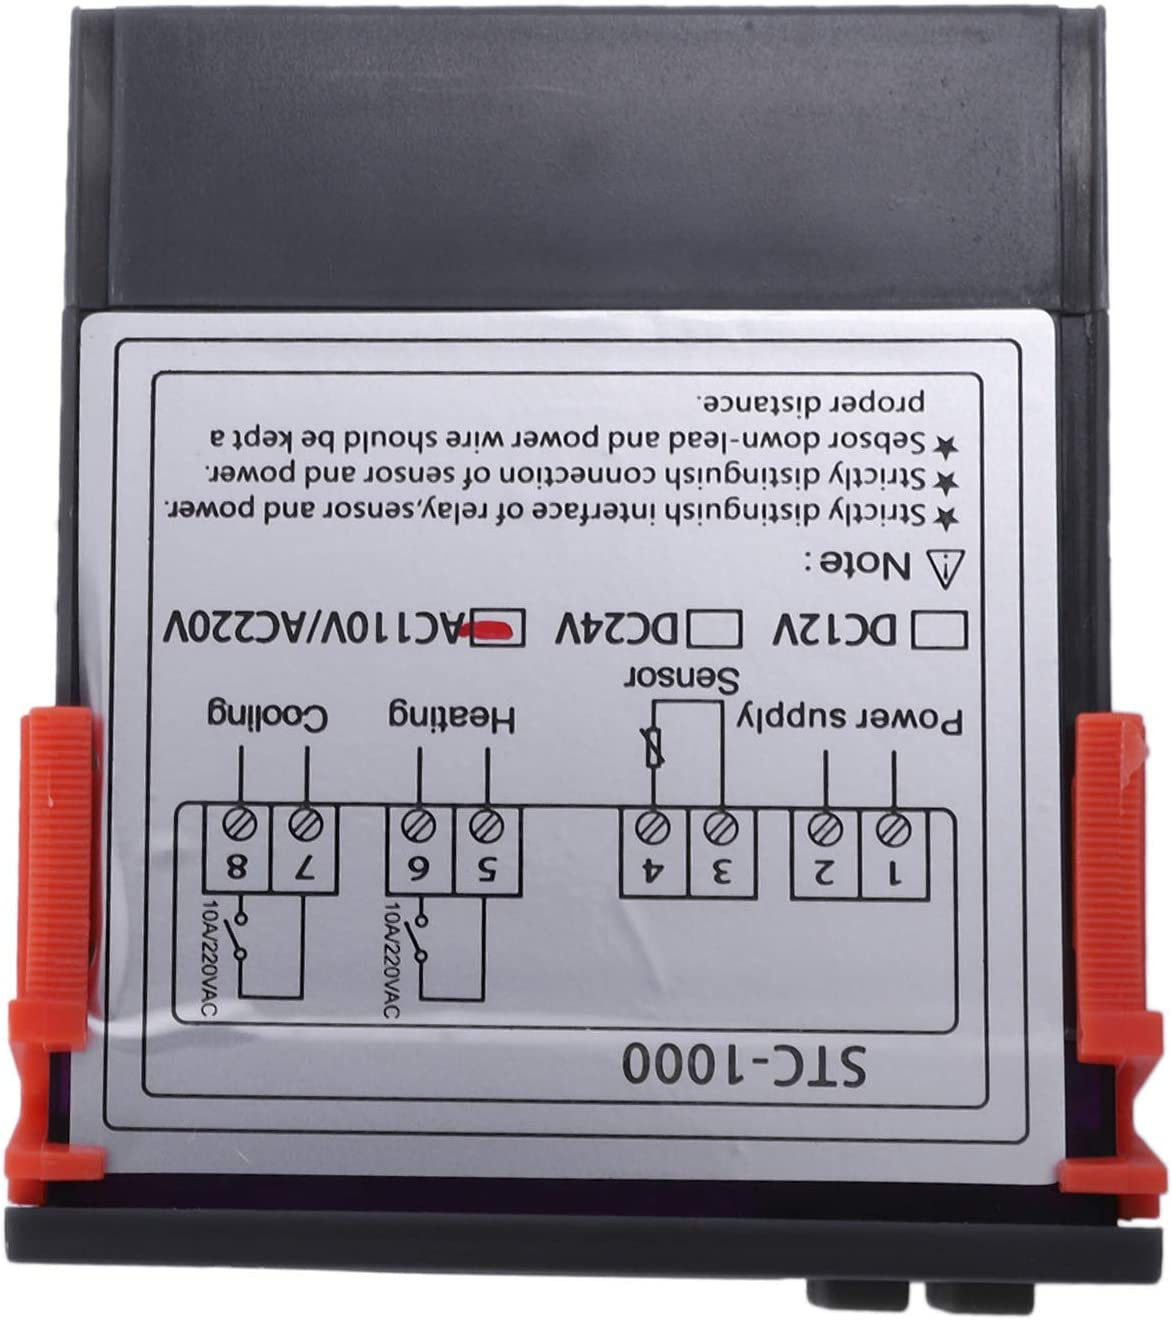 Sonde Tmand 220V numerique STC-1000 Controleur de temperature Thermostat Regulateur